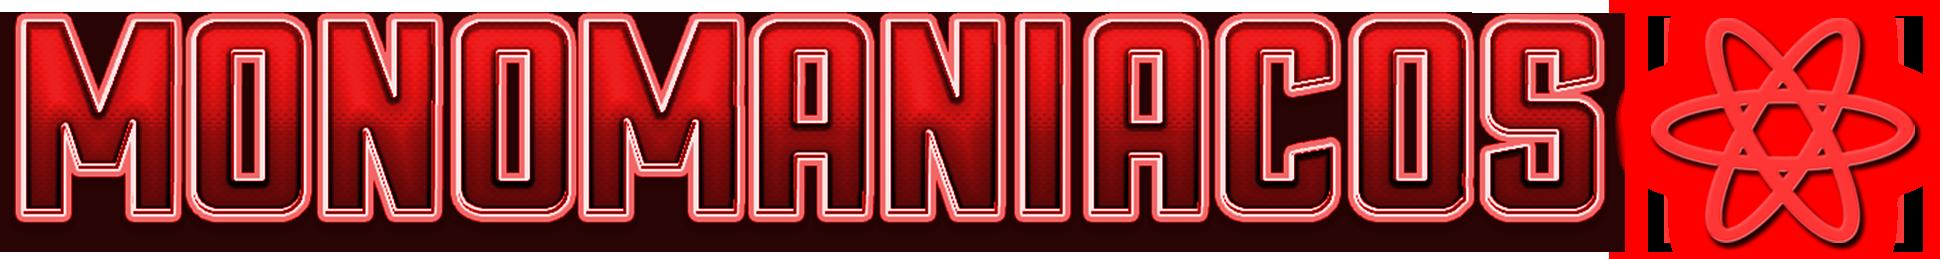 Monomaniacos logo